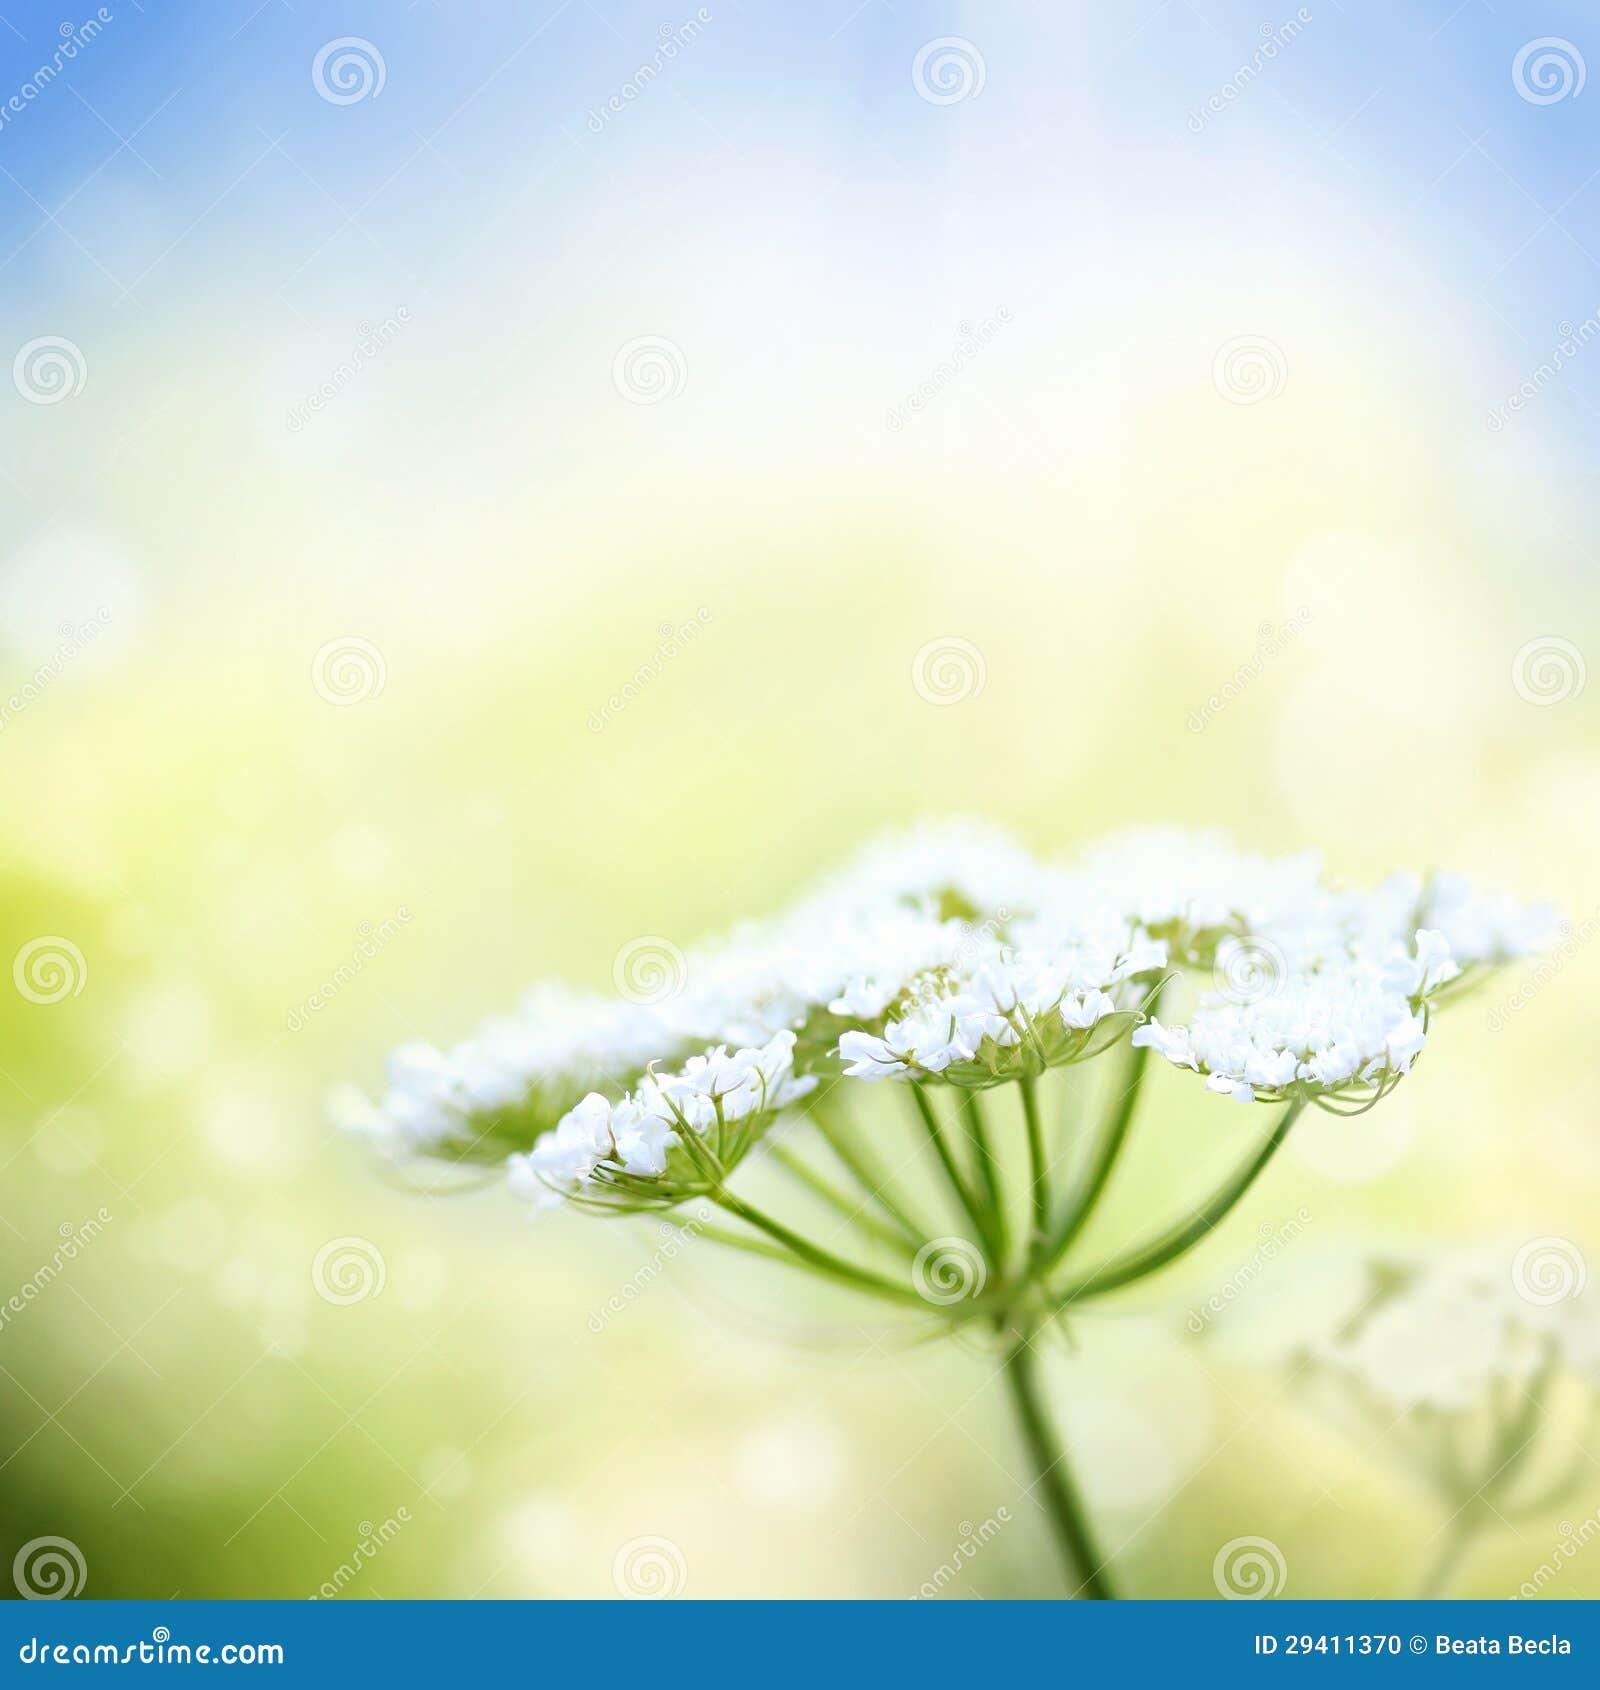 White wild carrot flower on spring background